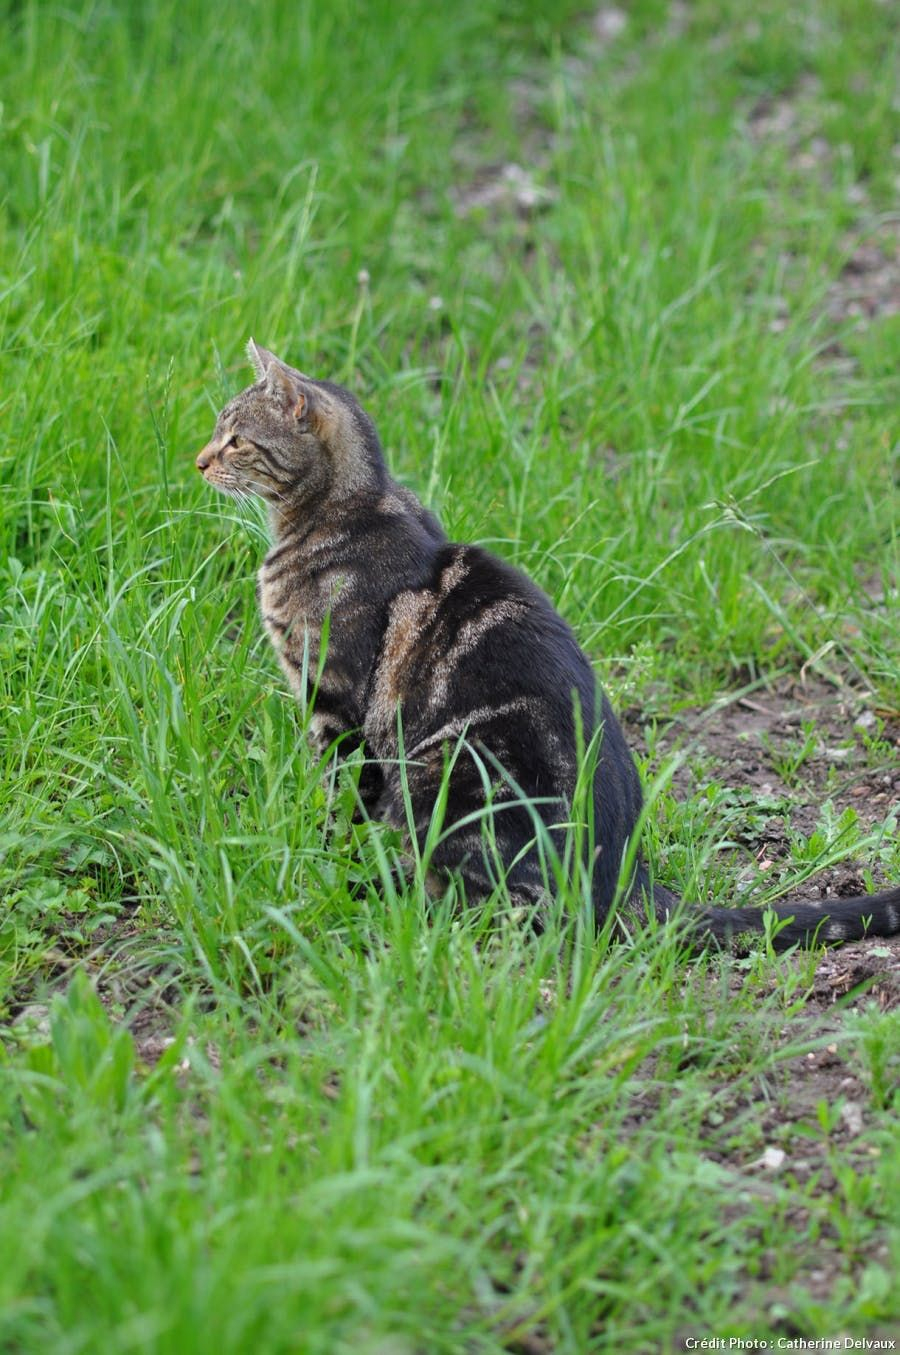 Comment Éloigner Les Chats De Votre Jardin ? | Eloigner Les ... destiné Repulsif Chat Jardin Naturel